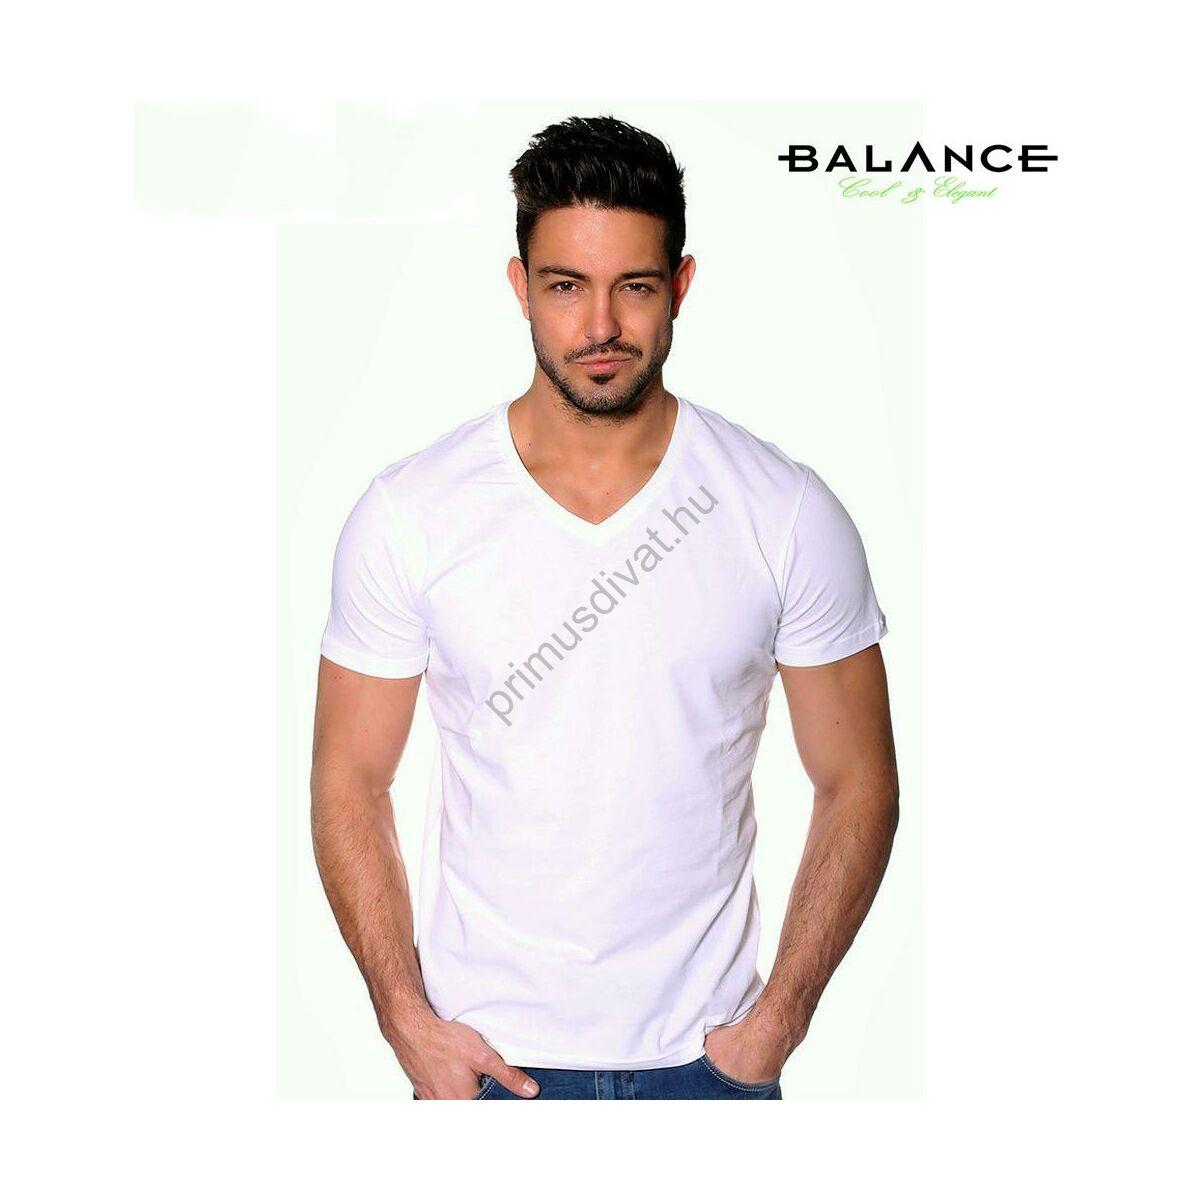 6361b0d758 Kép 1/2 - Balance V-nyakú, rugalmas anyagú rövid ujjú póló, ujján fém  márkafelirattal, fehér